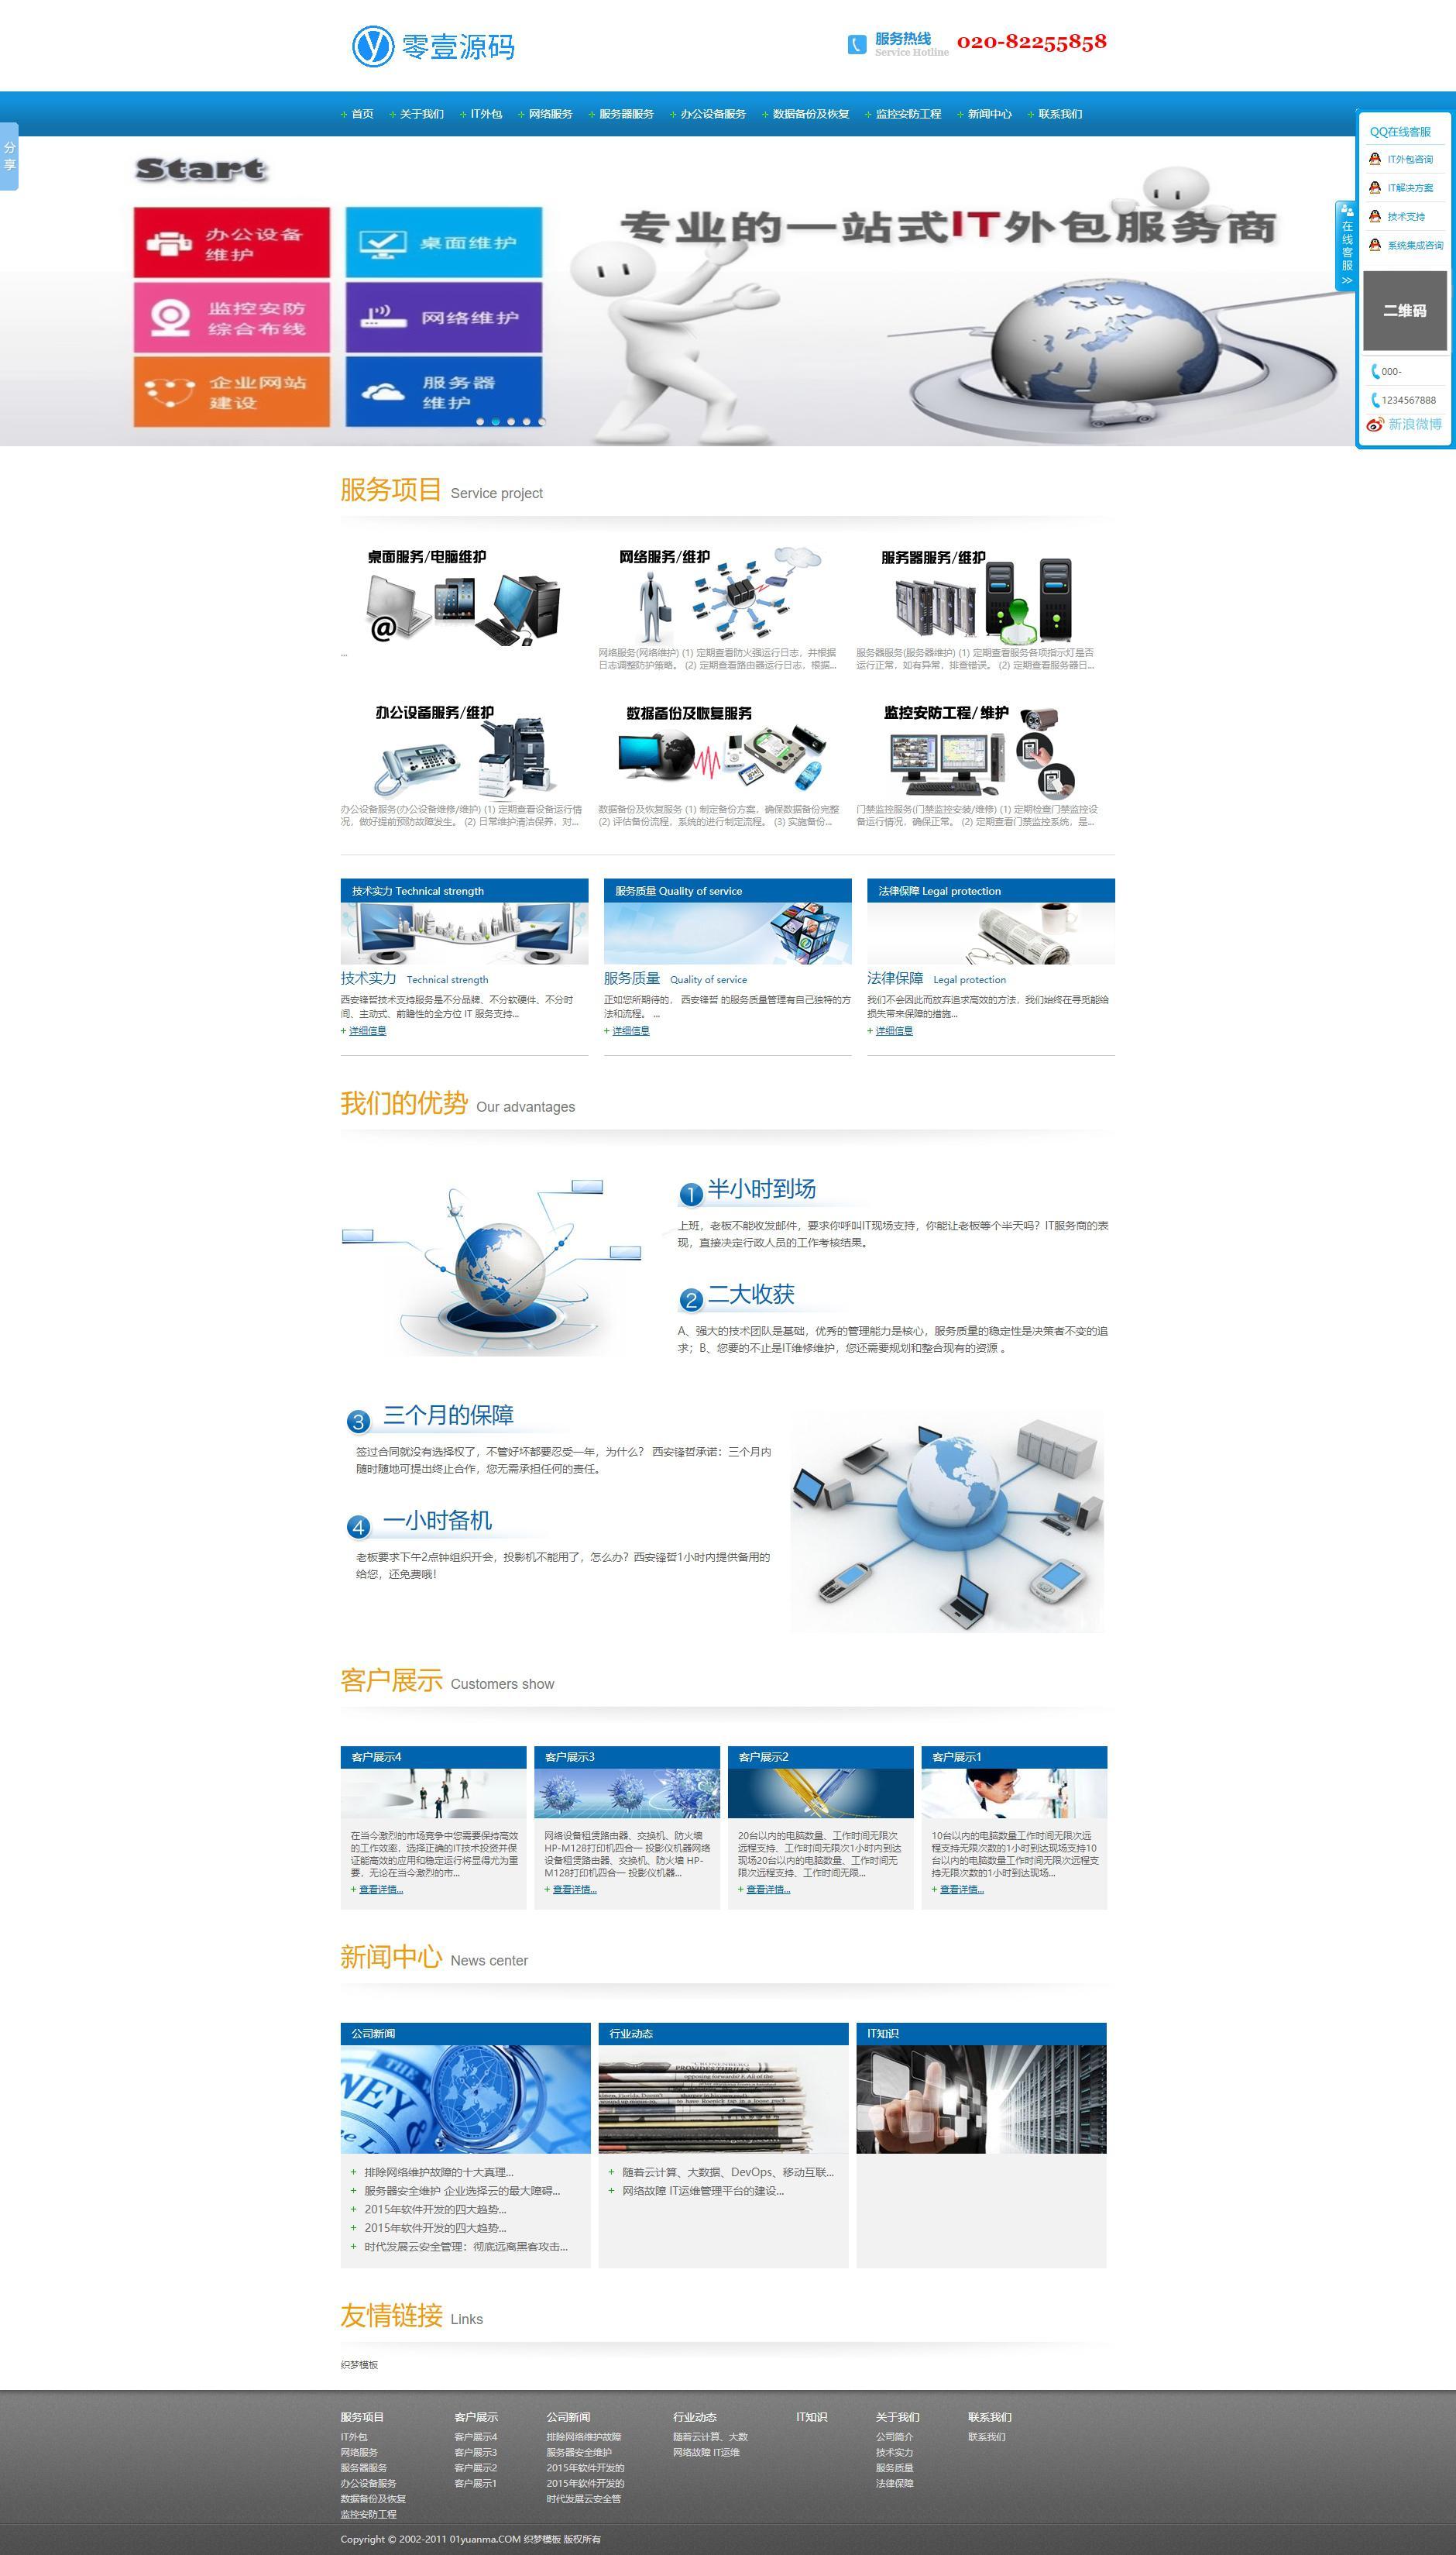 网络IT信息服务类企业网站织梦dedecms模板